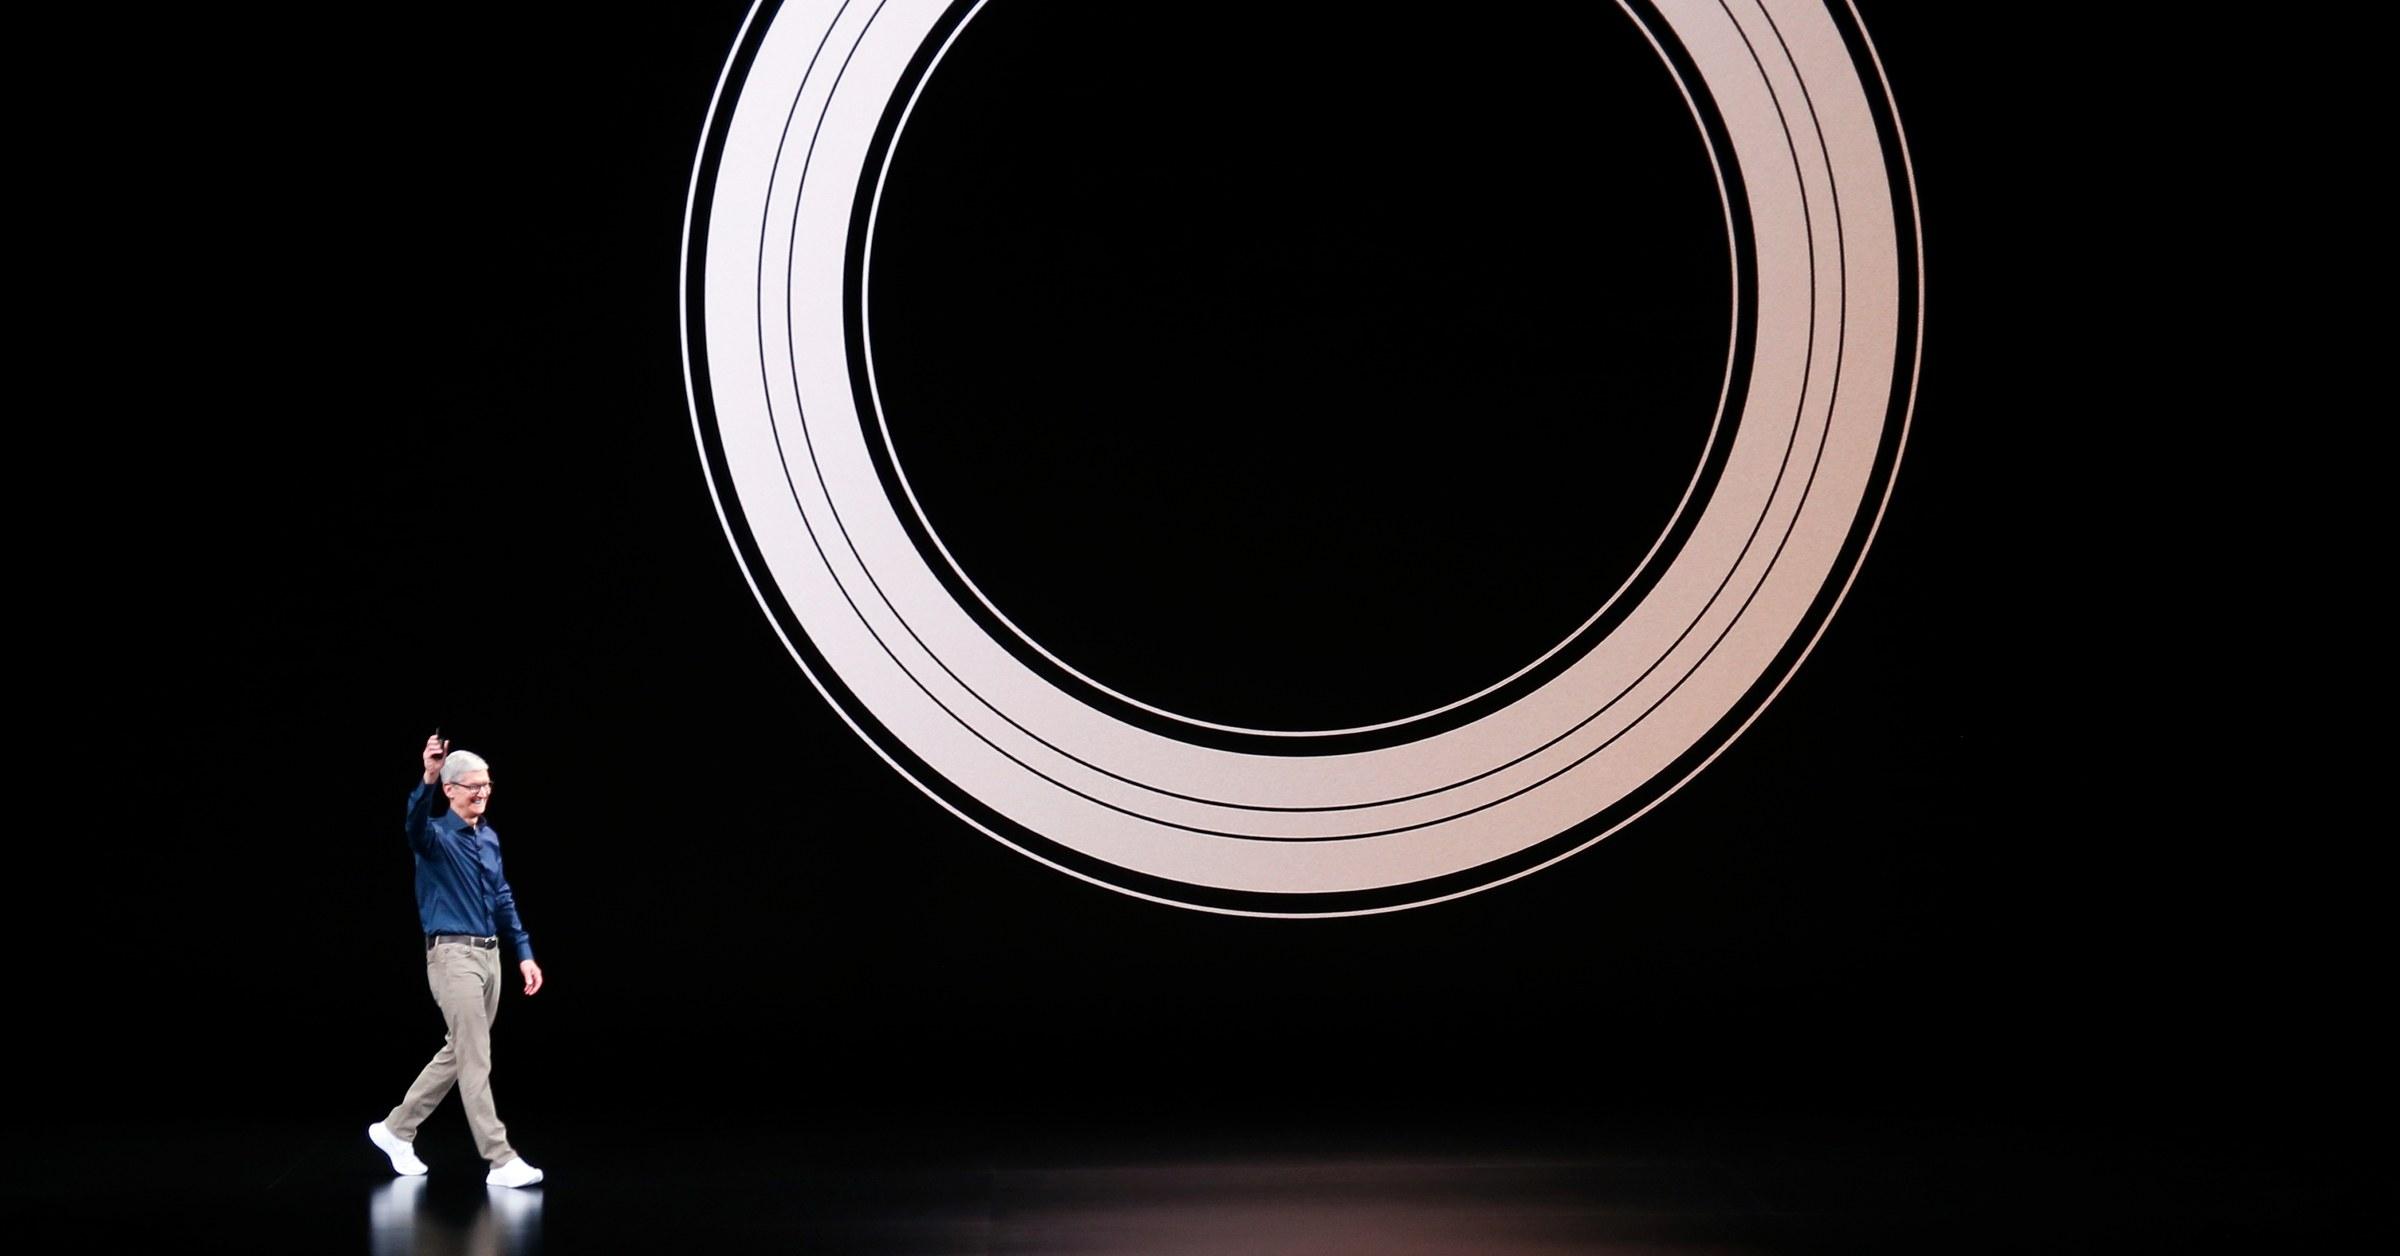 El evento apple dejó novedades para la tecnología